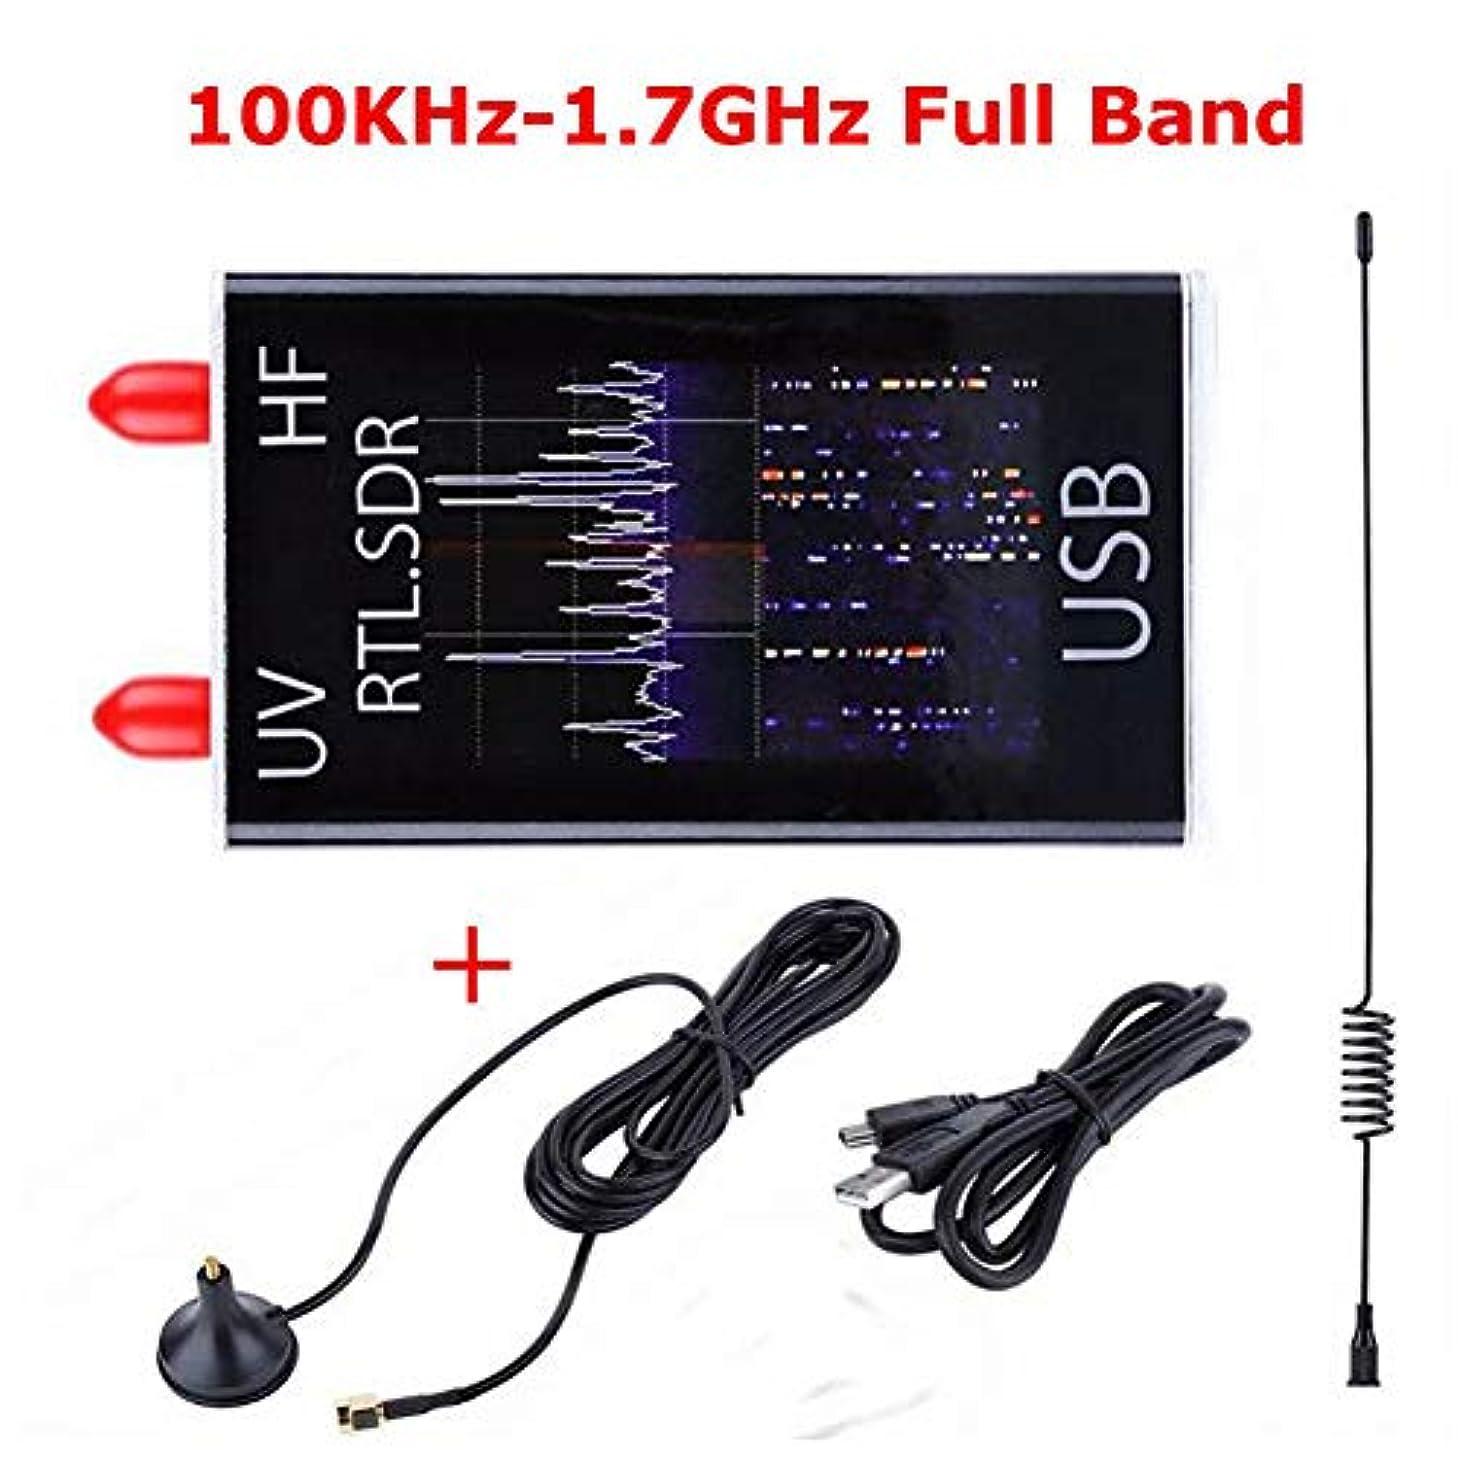 区余剰些細なACHICOO 100KHz?1.7GHzフルバンドUV HF RTL-SDR USBチューナーレシーバ/ R820T + 8232ハムラジオ